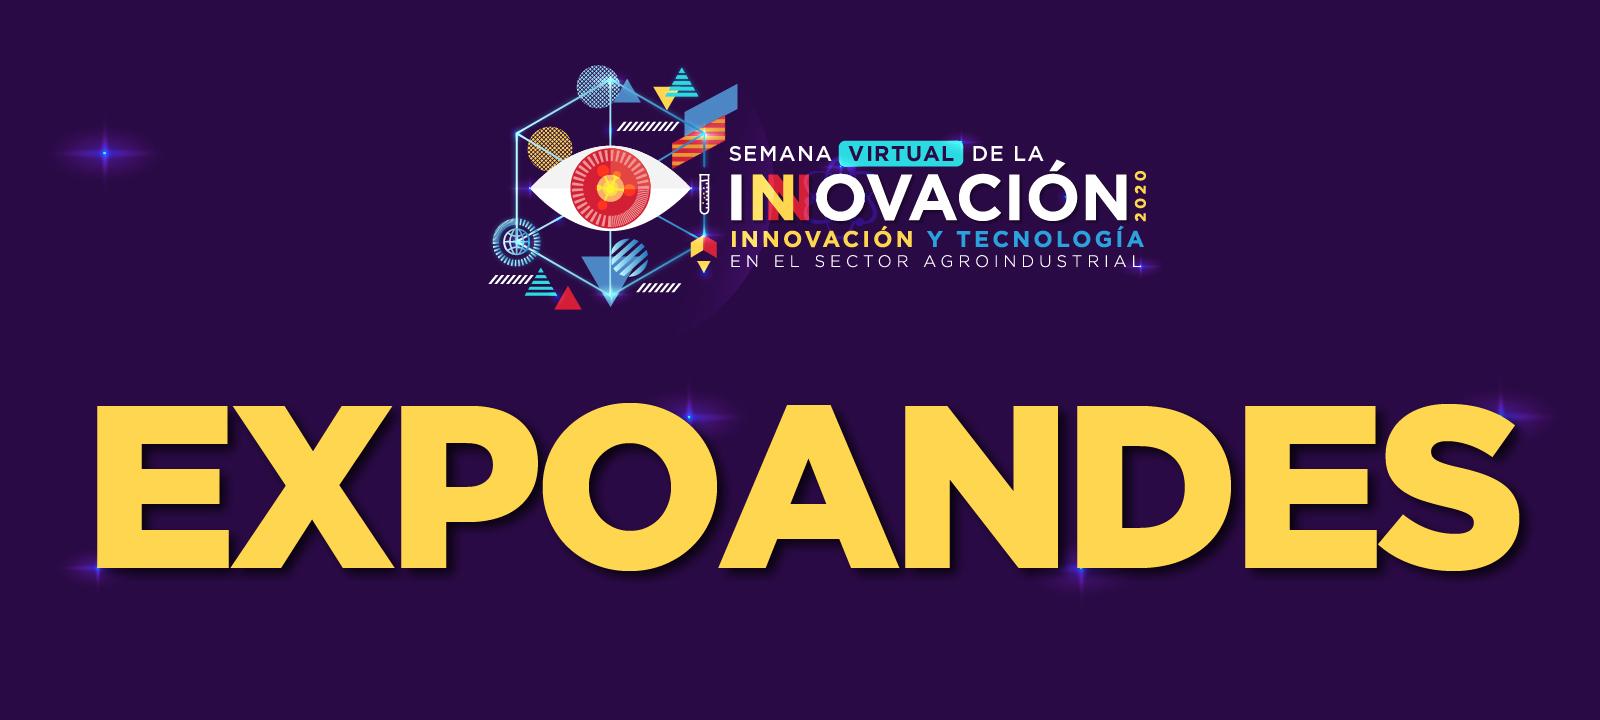 ExpoAndes - Semana Virtual de la Innovación